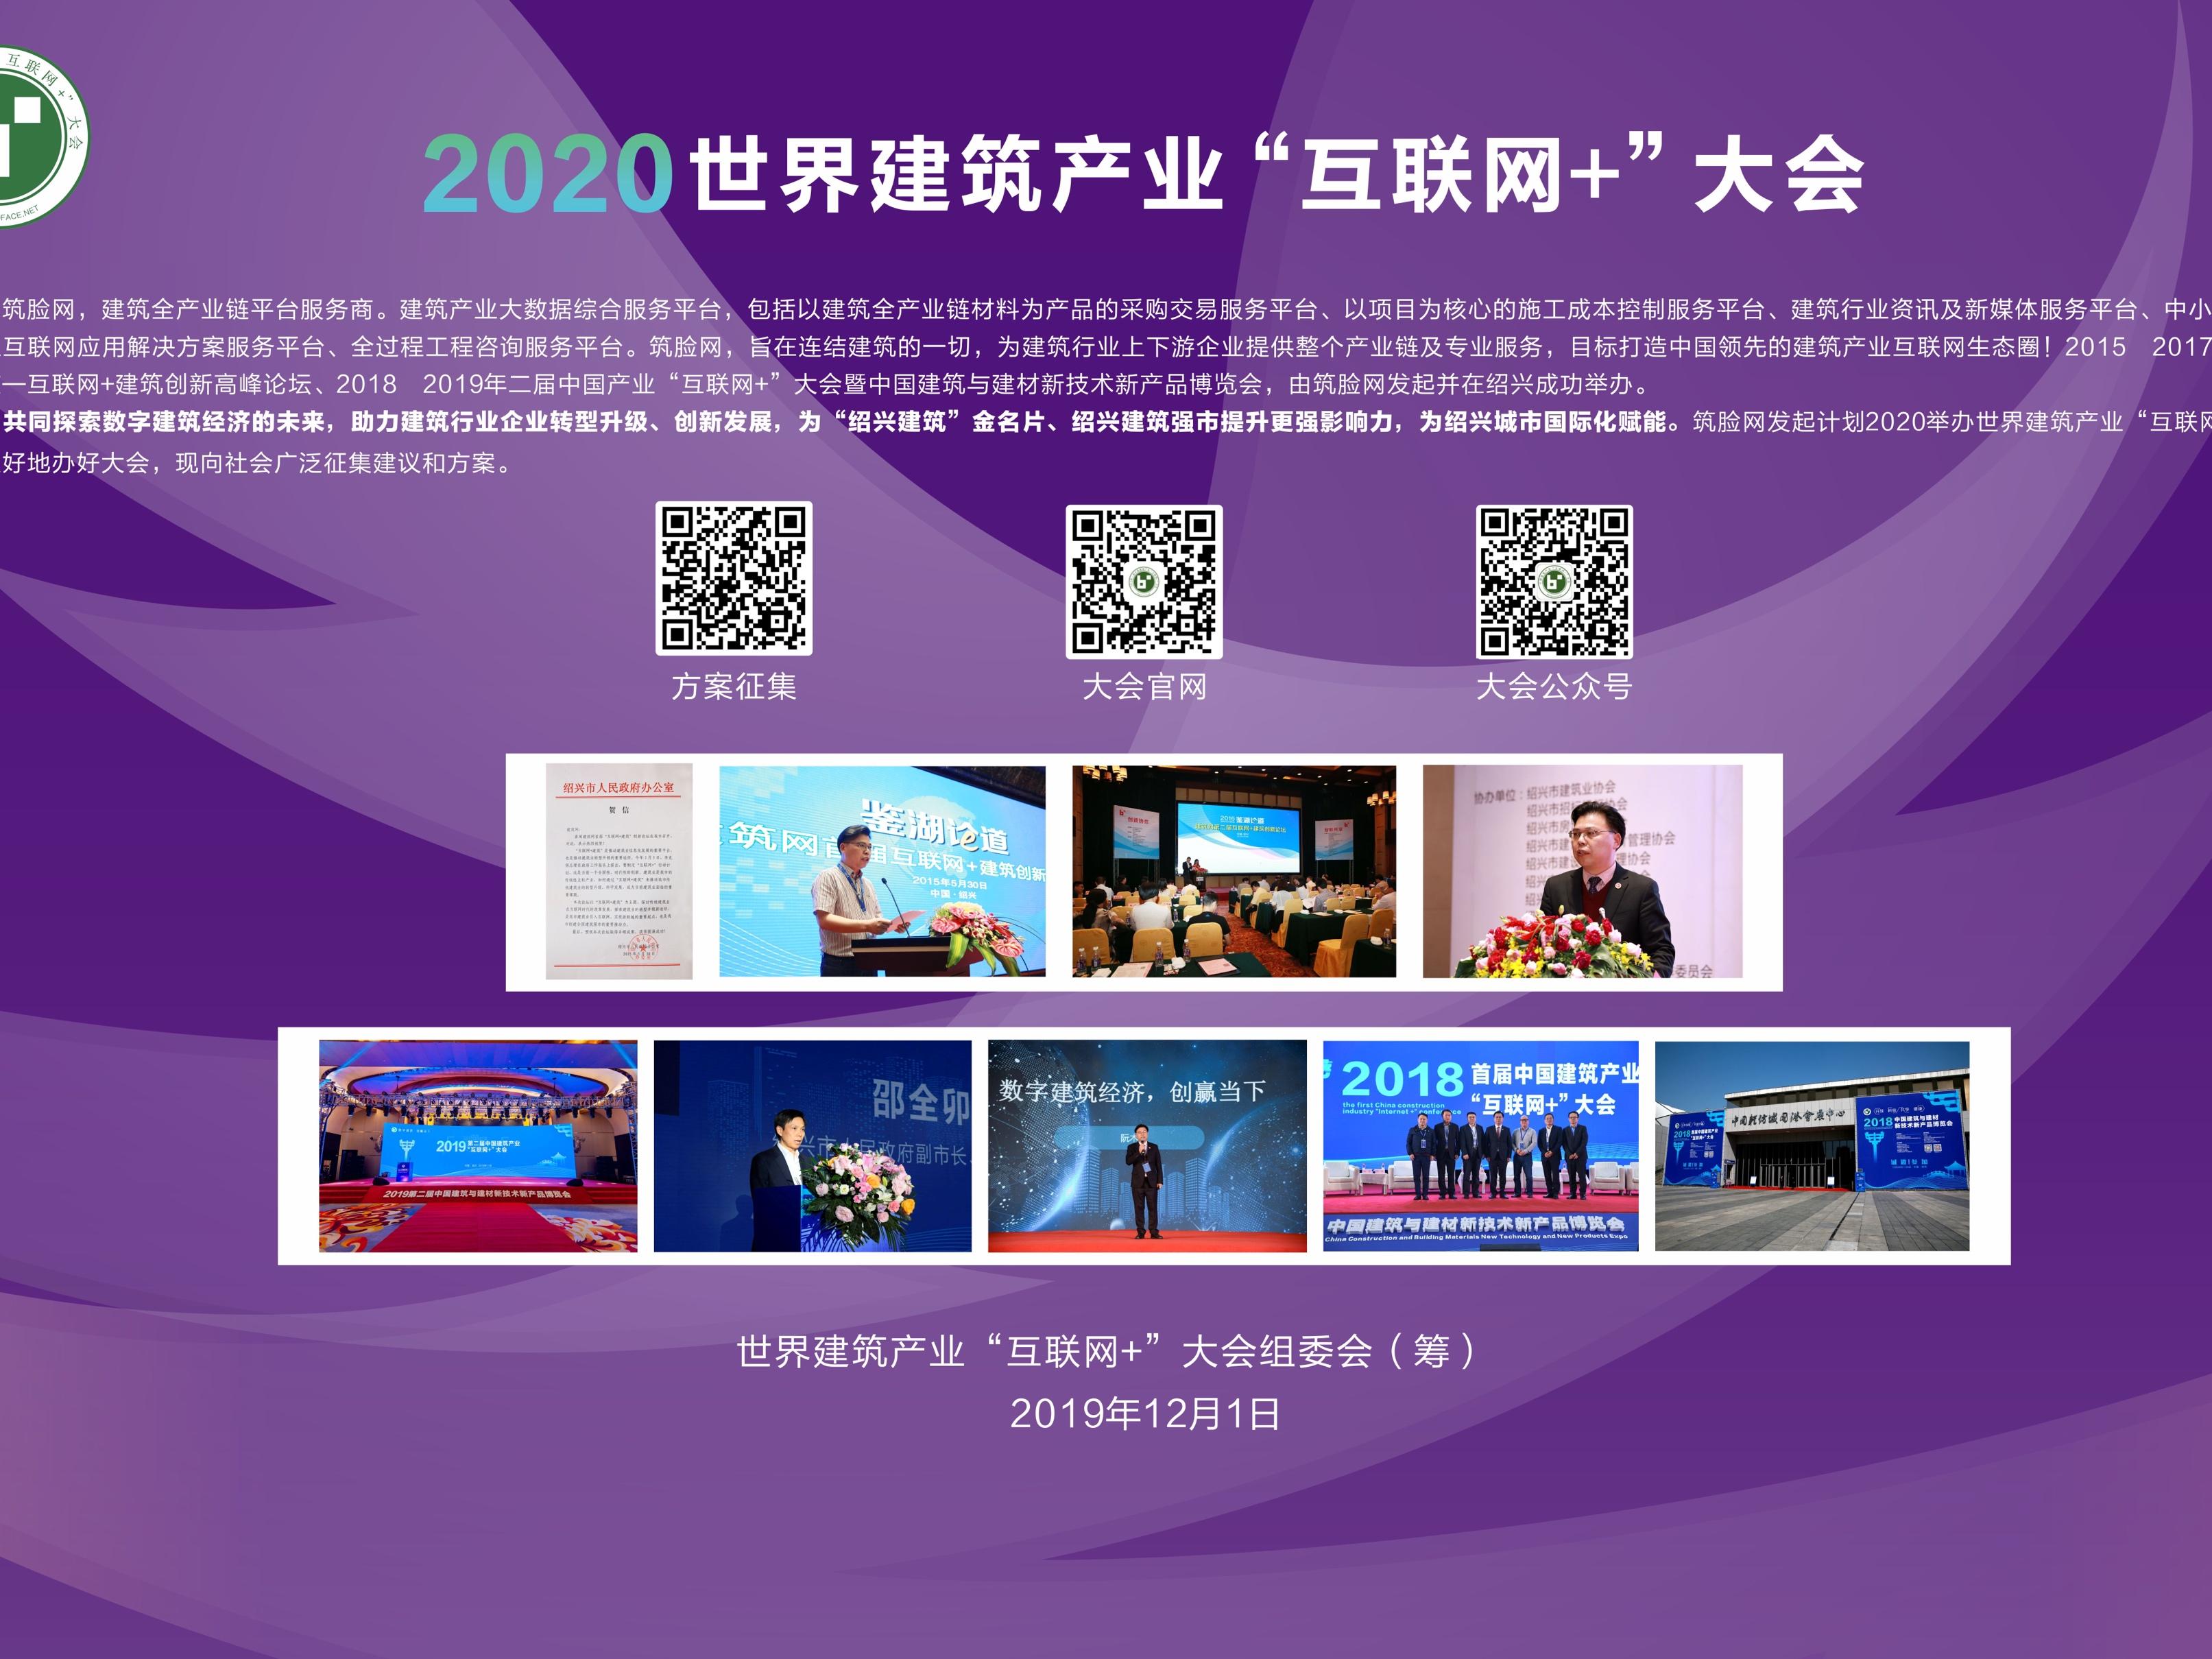 """2020世界建筑产业""""互联网+""""大会的建议和方案征集"""